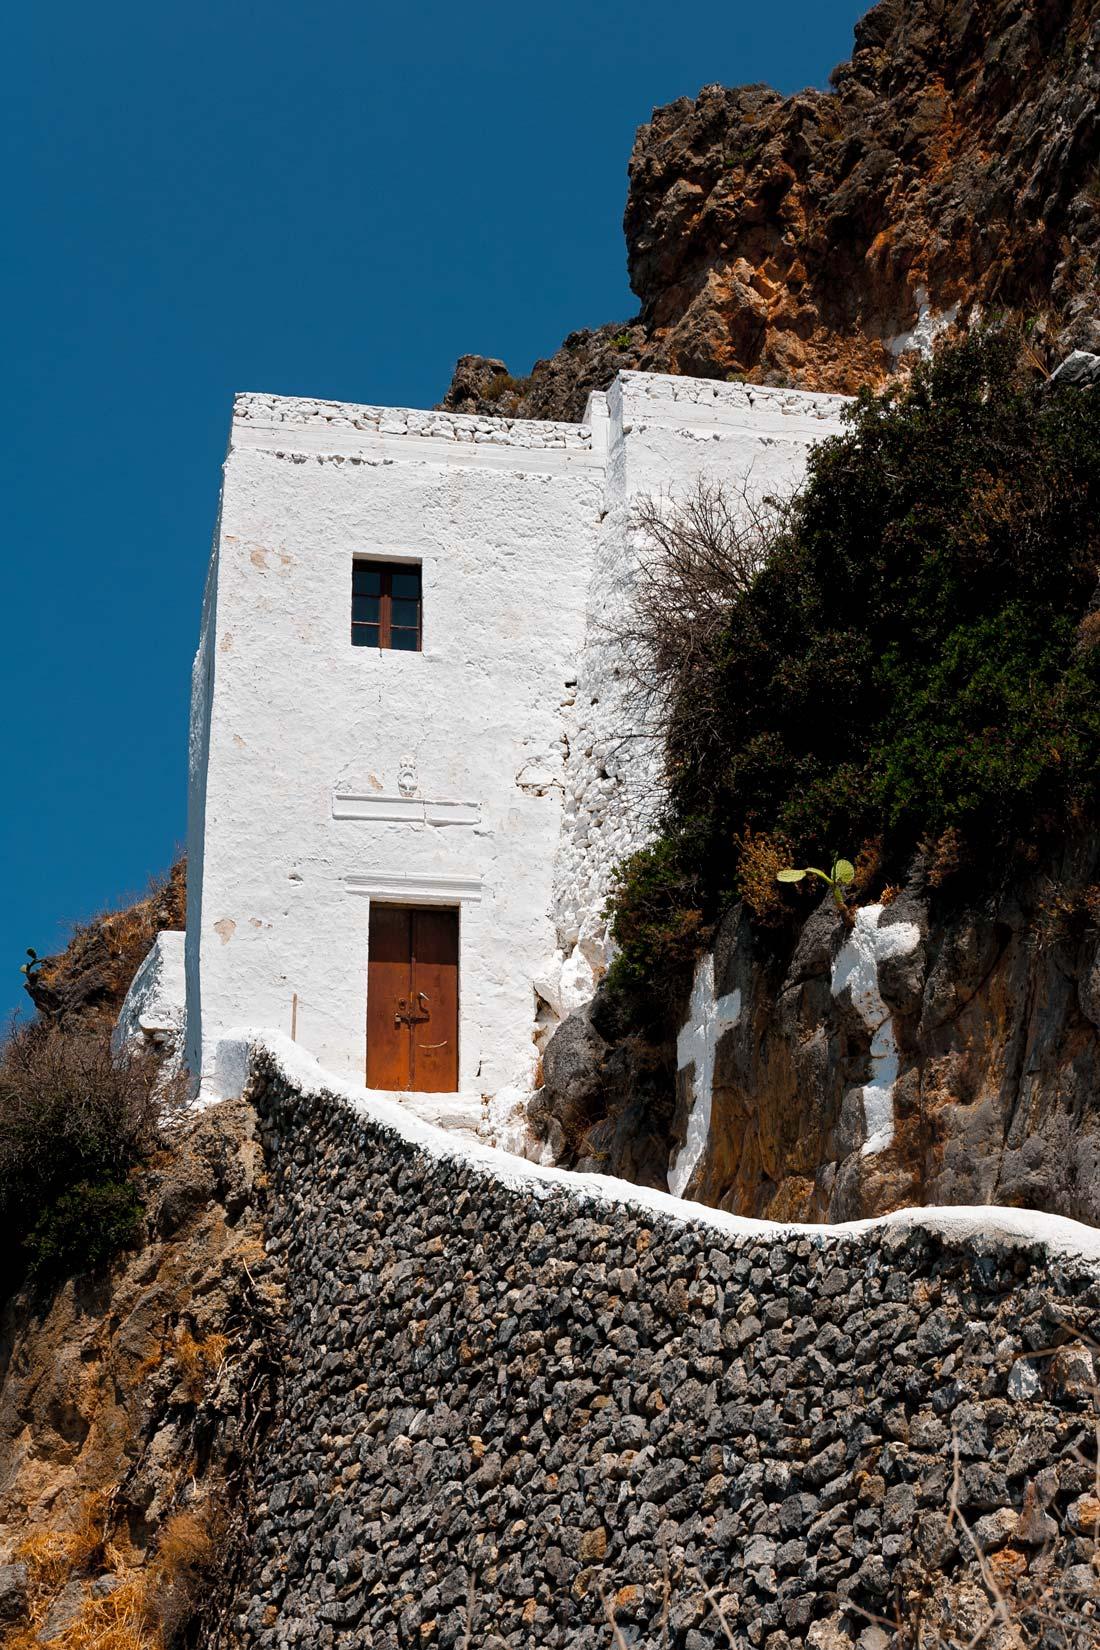 Agios Ioannis on the cliff. Ano, přímo na útesu. Na skalním. A jako orel skalní spatříte nádherná panoramata z výšky.